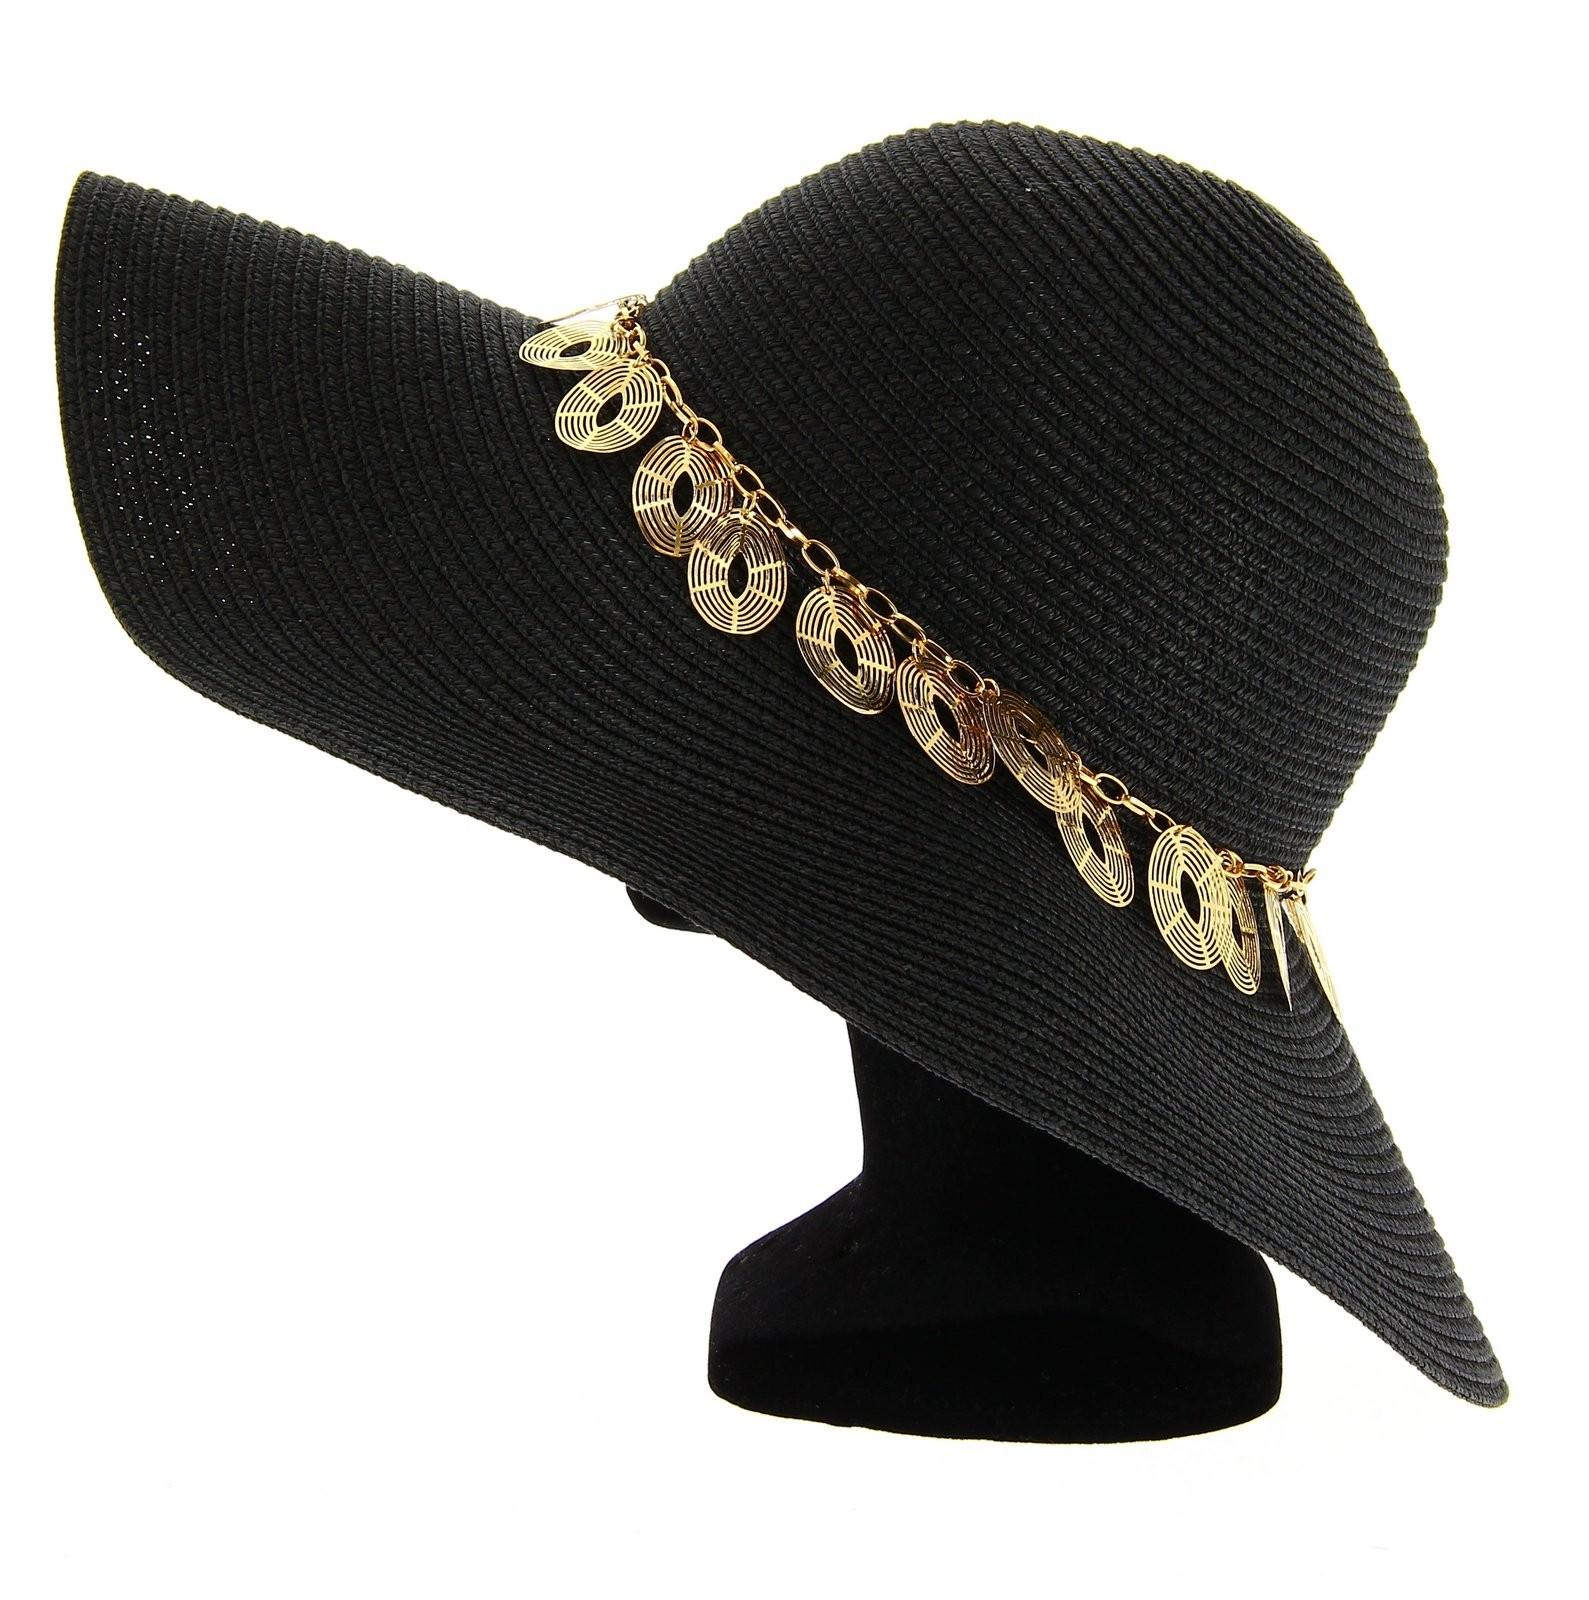 94bca480d6133 chapeau femme ete noir